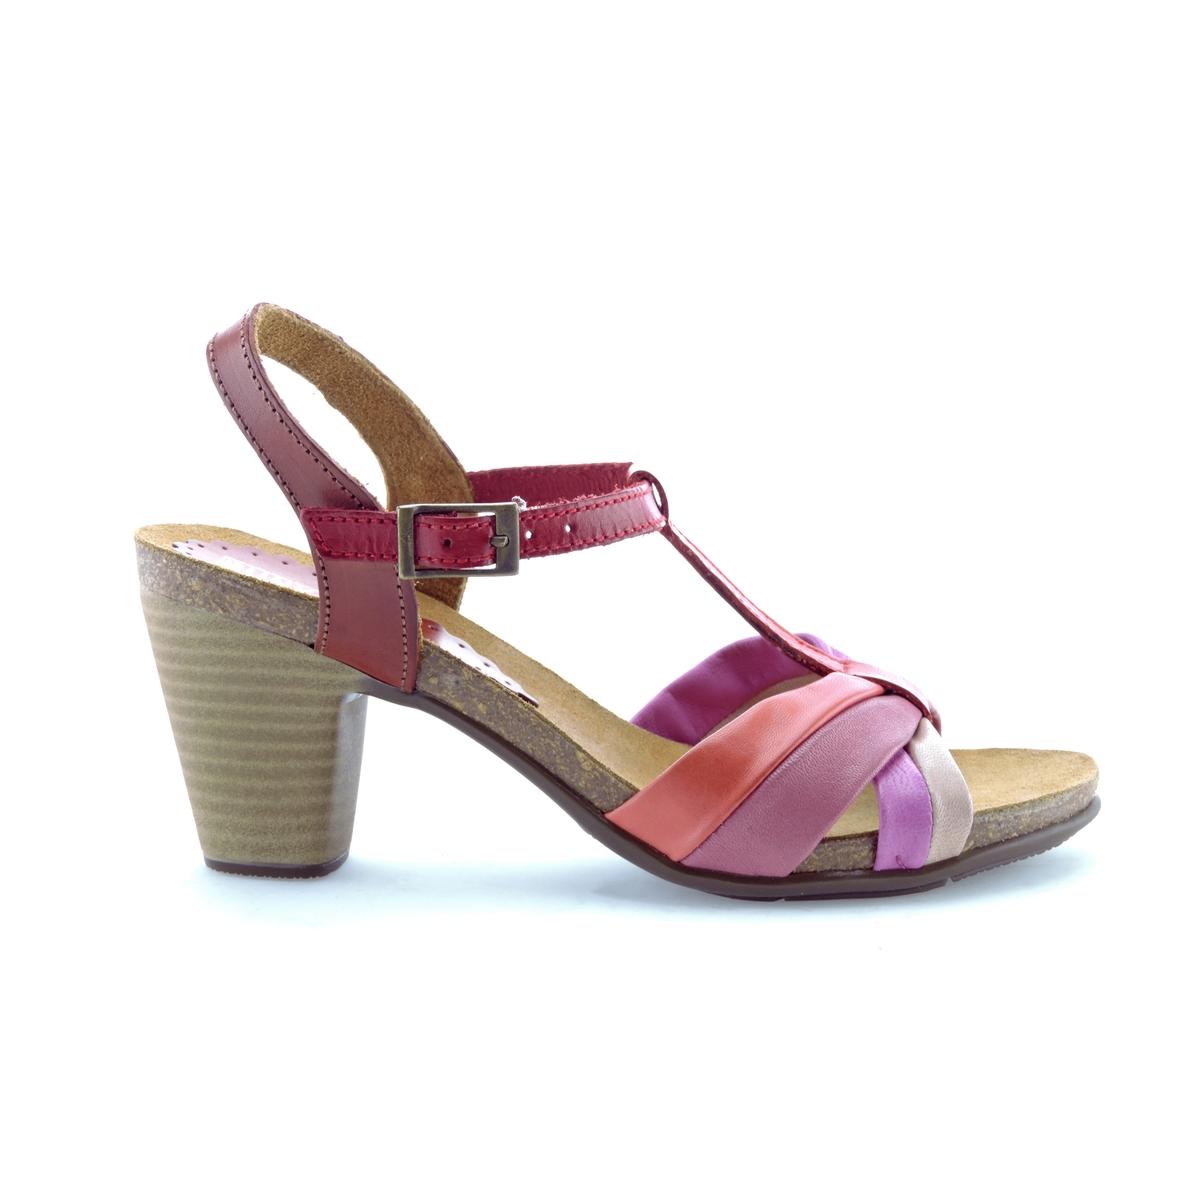 Босоножки кожаные LizВерх : кожа   Стелька : кожа   Подошва : эластомер   Высота каблука : 8 см   Форма каблука : квадратный каблук   Мысок : открытый мысок   Застежка : пряжка<br><br>Цвет: разноцветный<br>Размер: 40